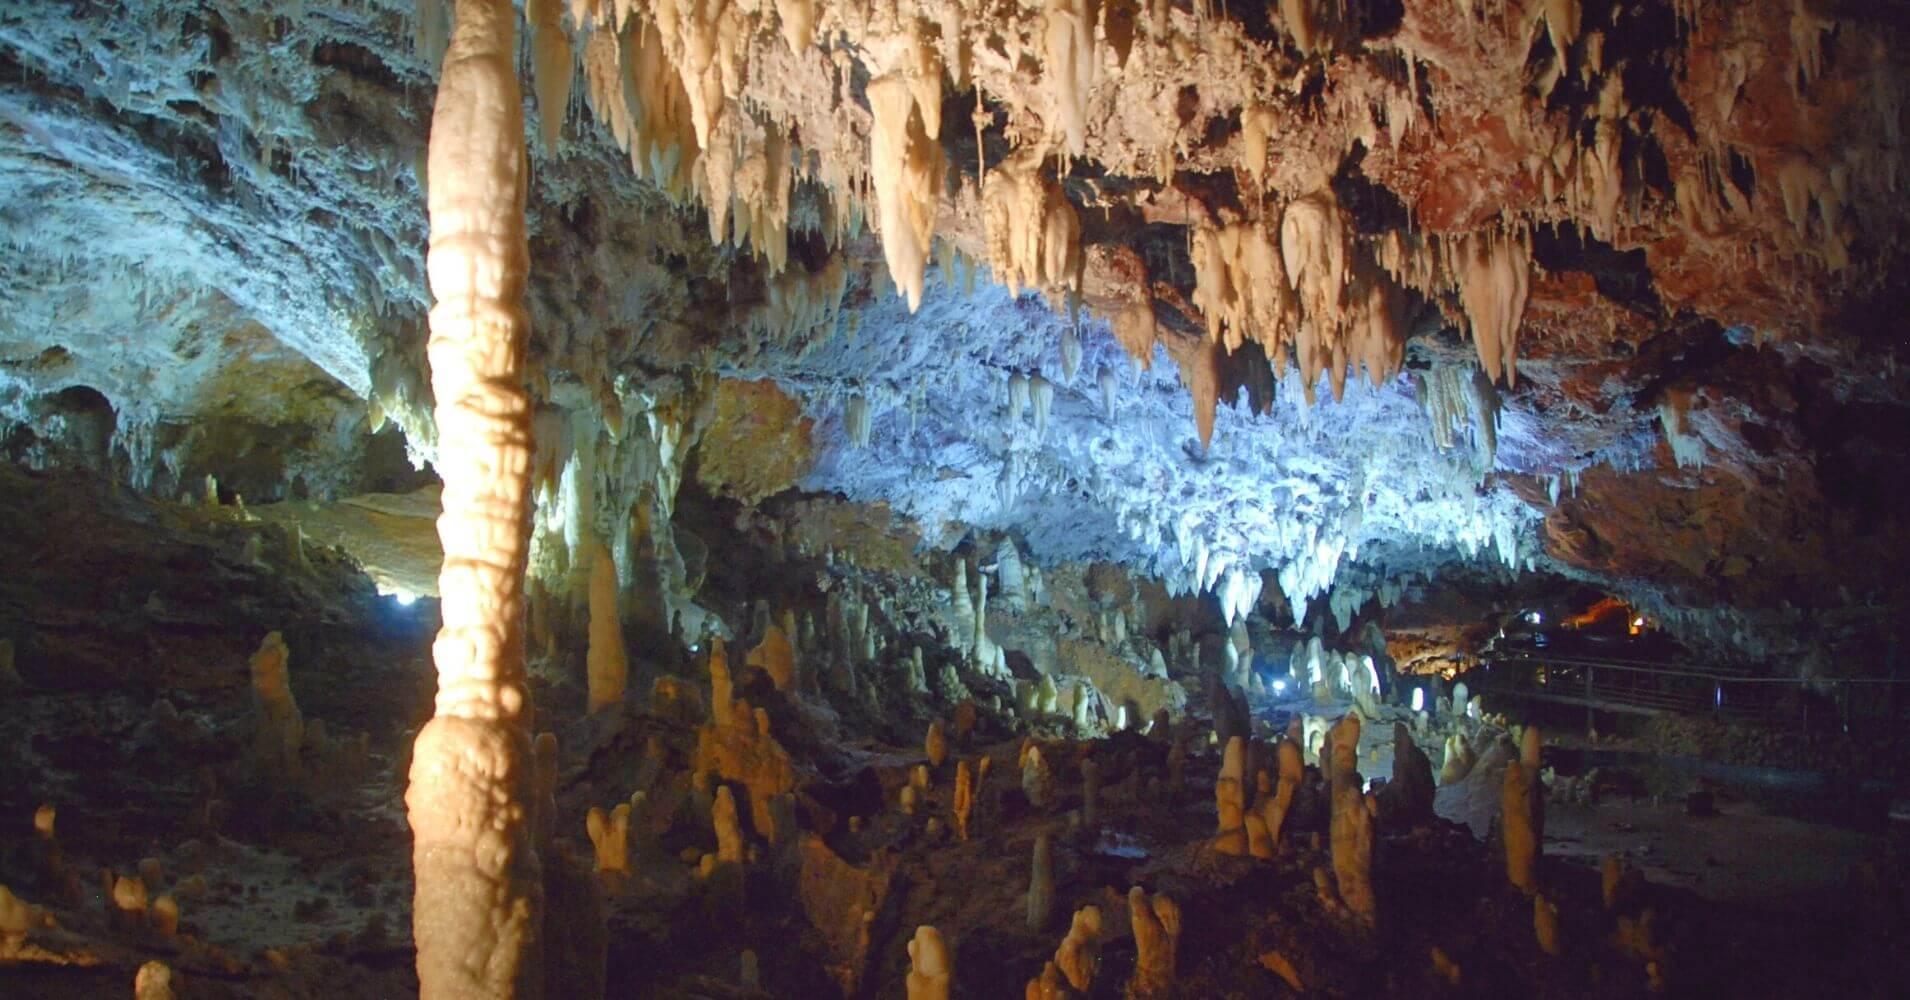 Cueva de El Soplao. Valdáliga. Cantabria. España.